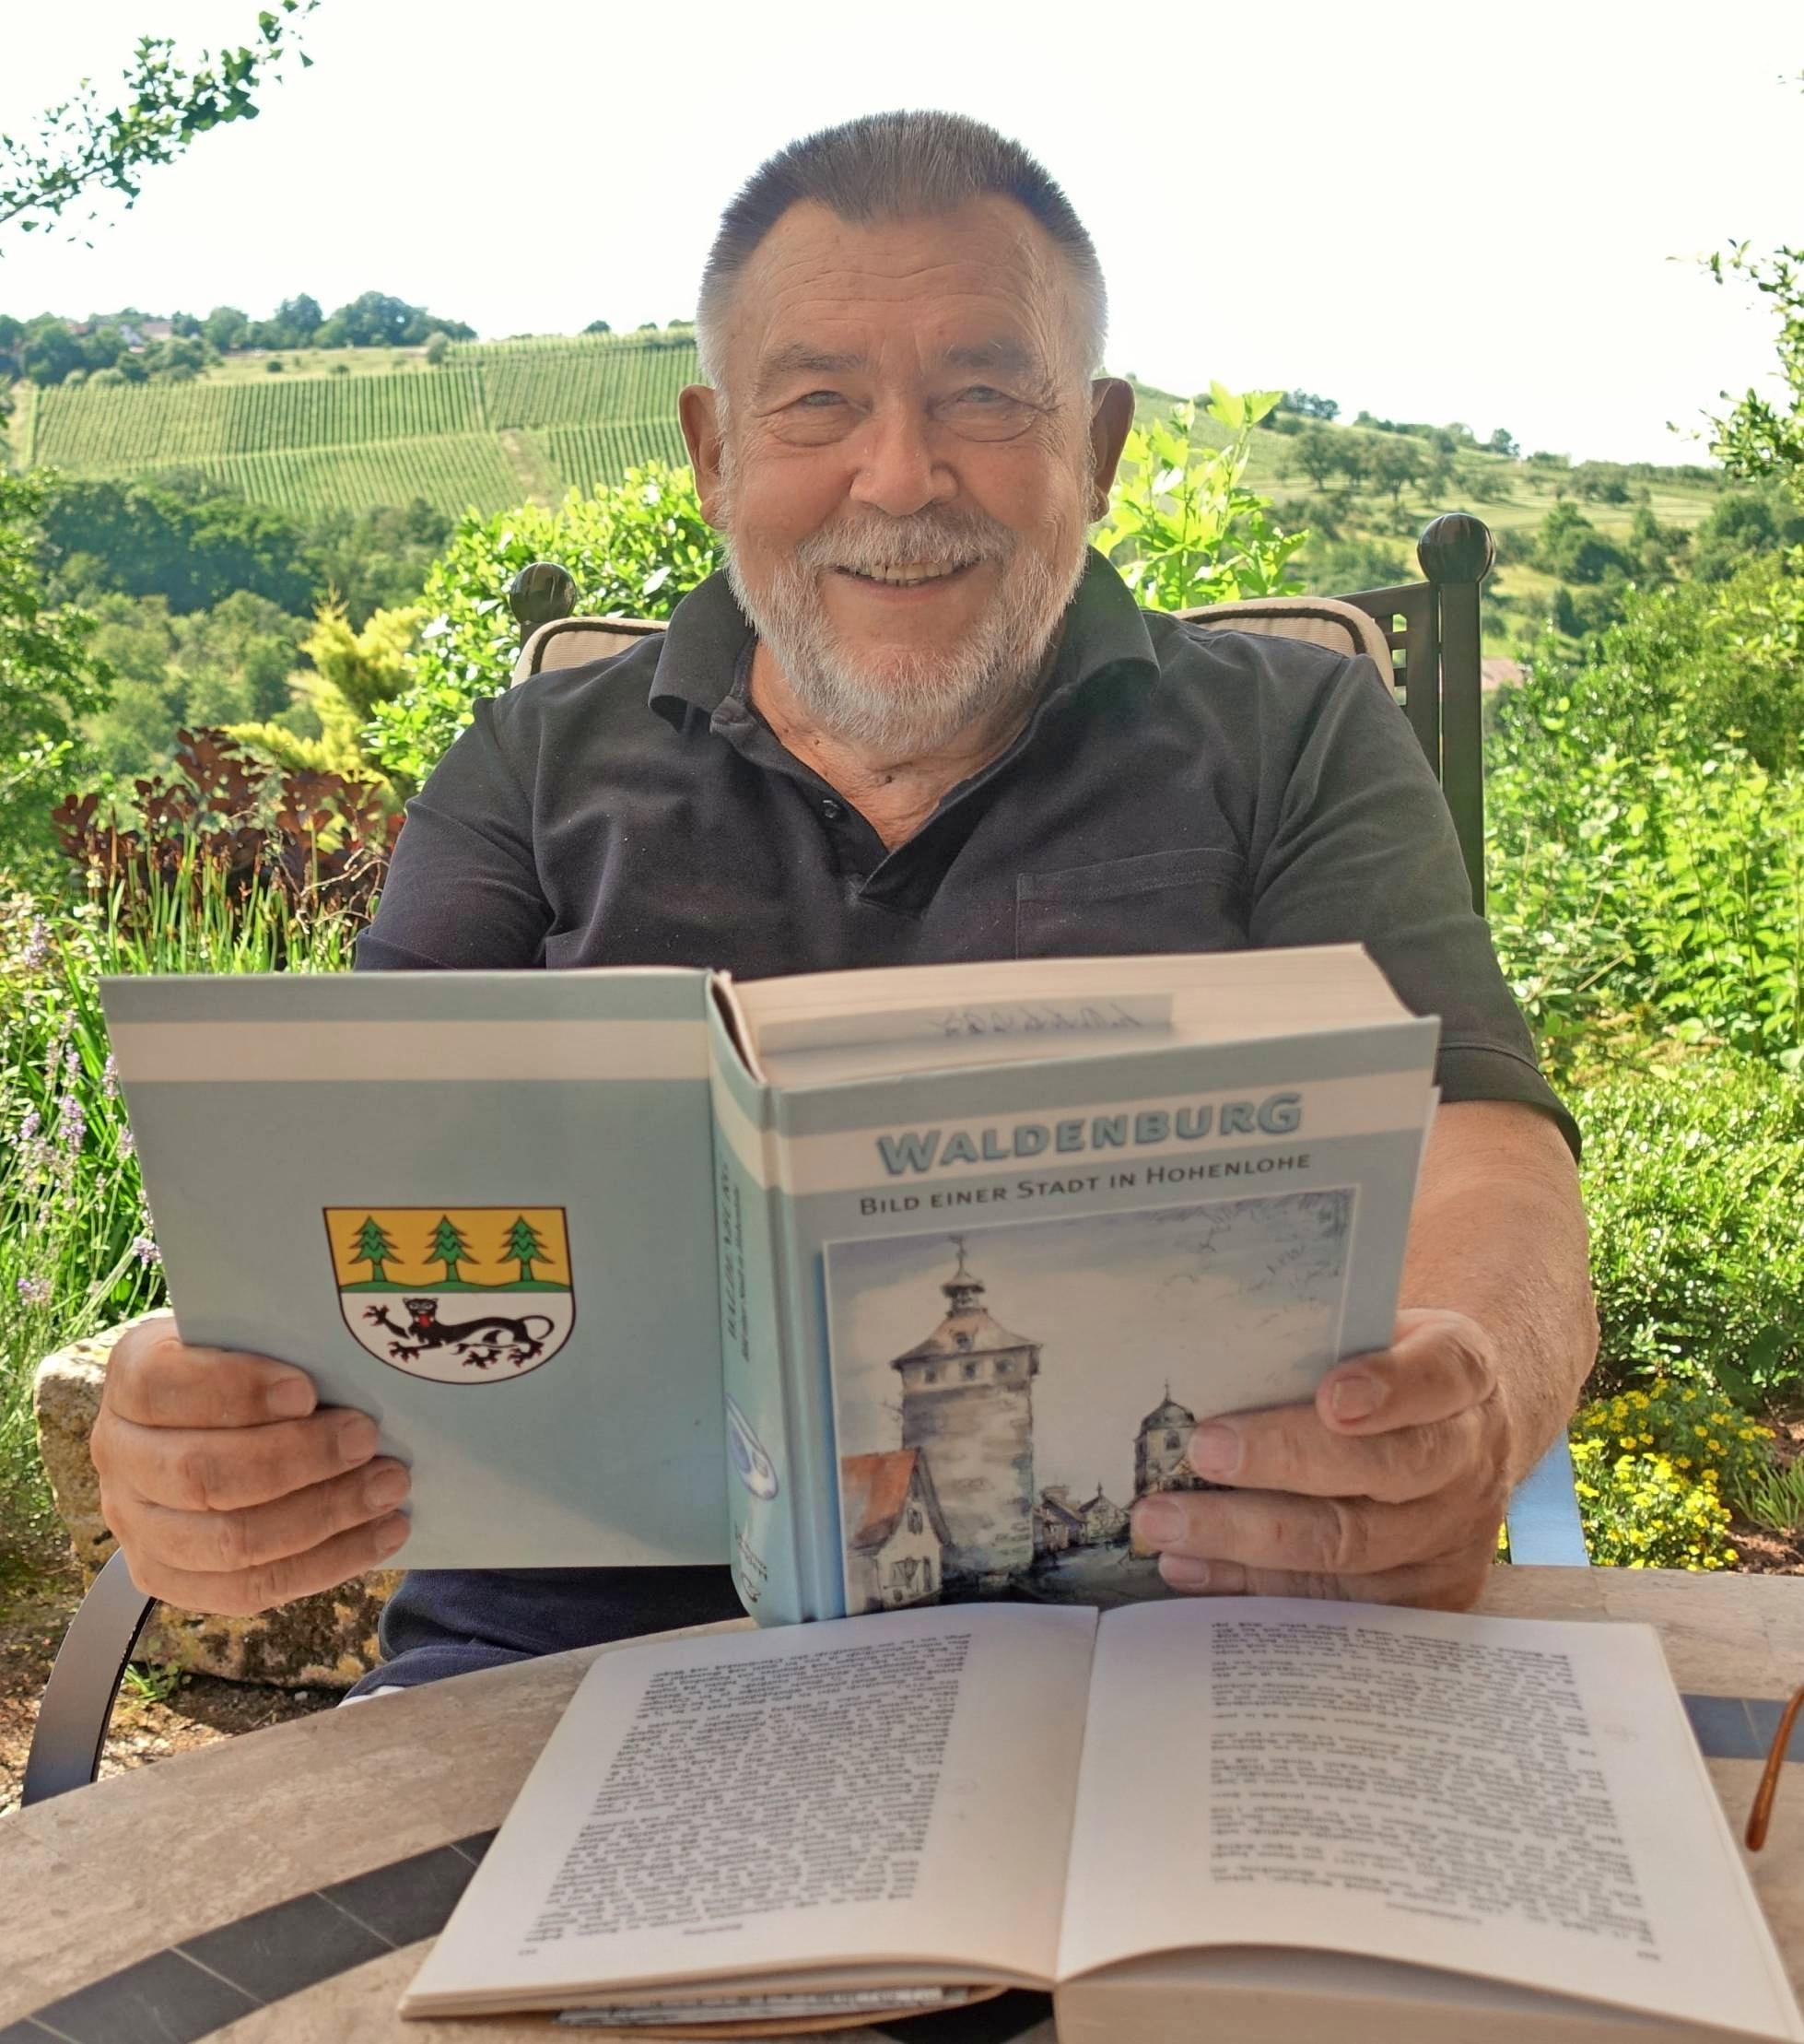 Der frühere Schulleiter und Heimatforscher Karlheinz Englert hat eine fast 600 Seiten starke Chronik zur Geschichte der Stadt Waldenburg verfasst.